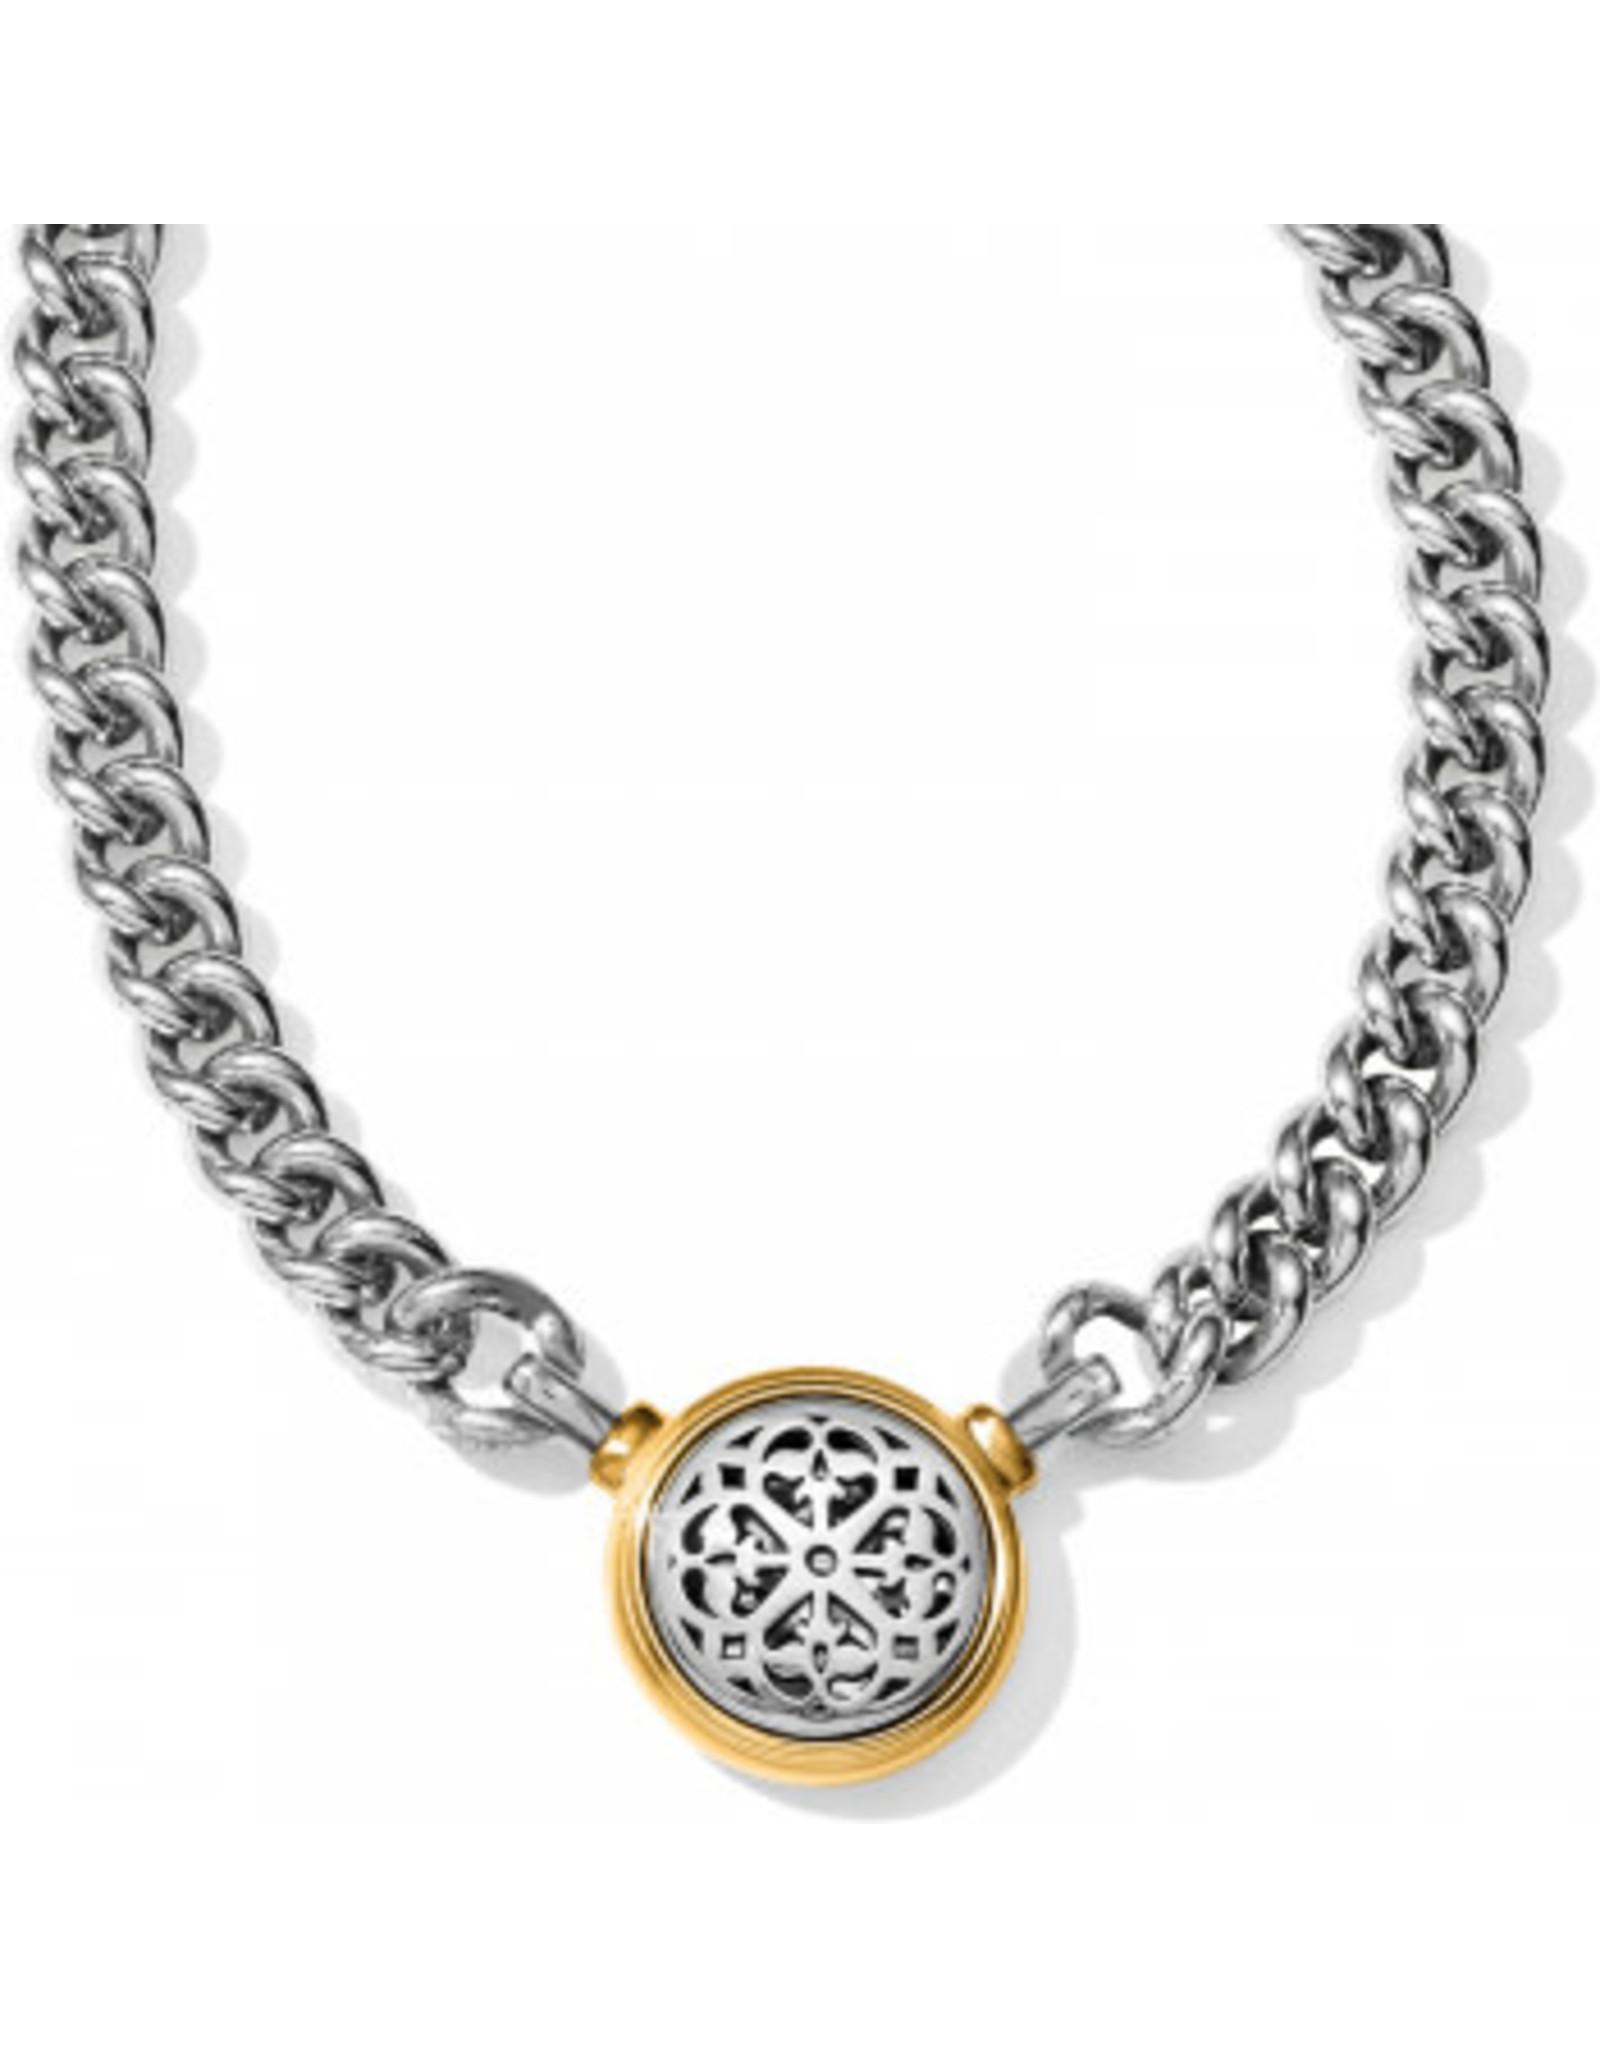 Brighton Ferrara Two Tone Necklace